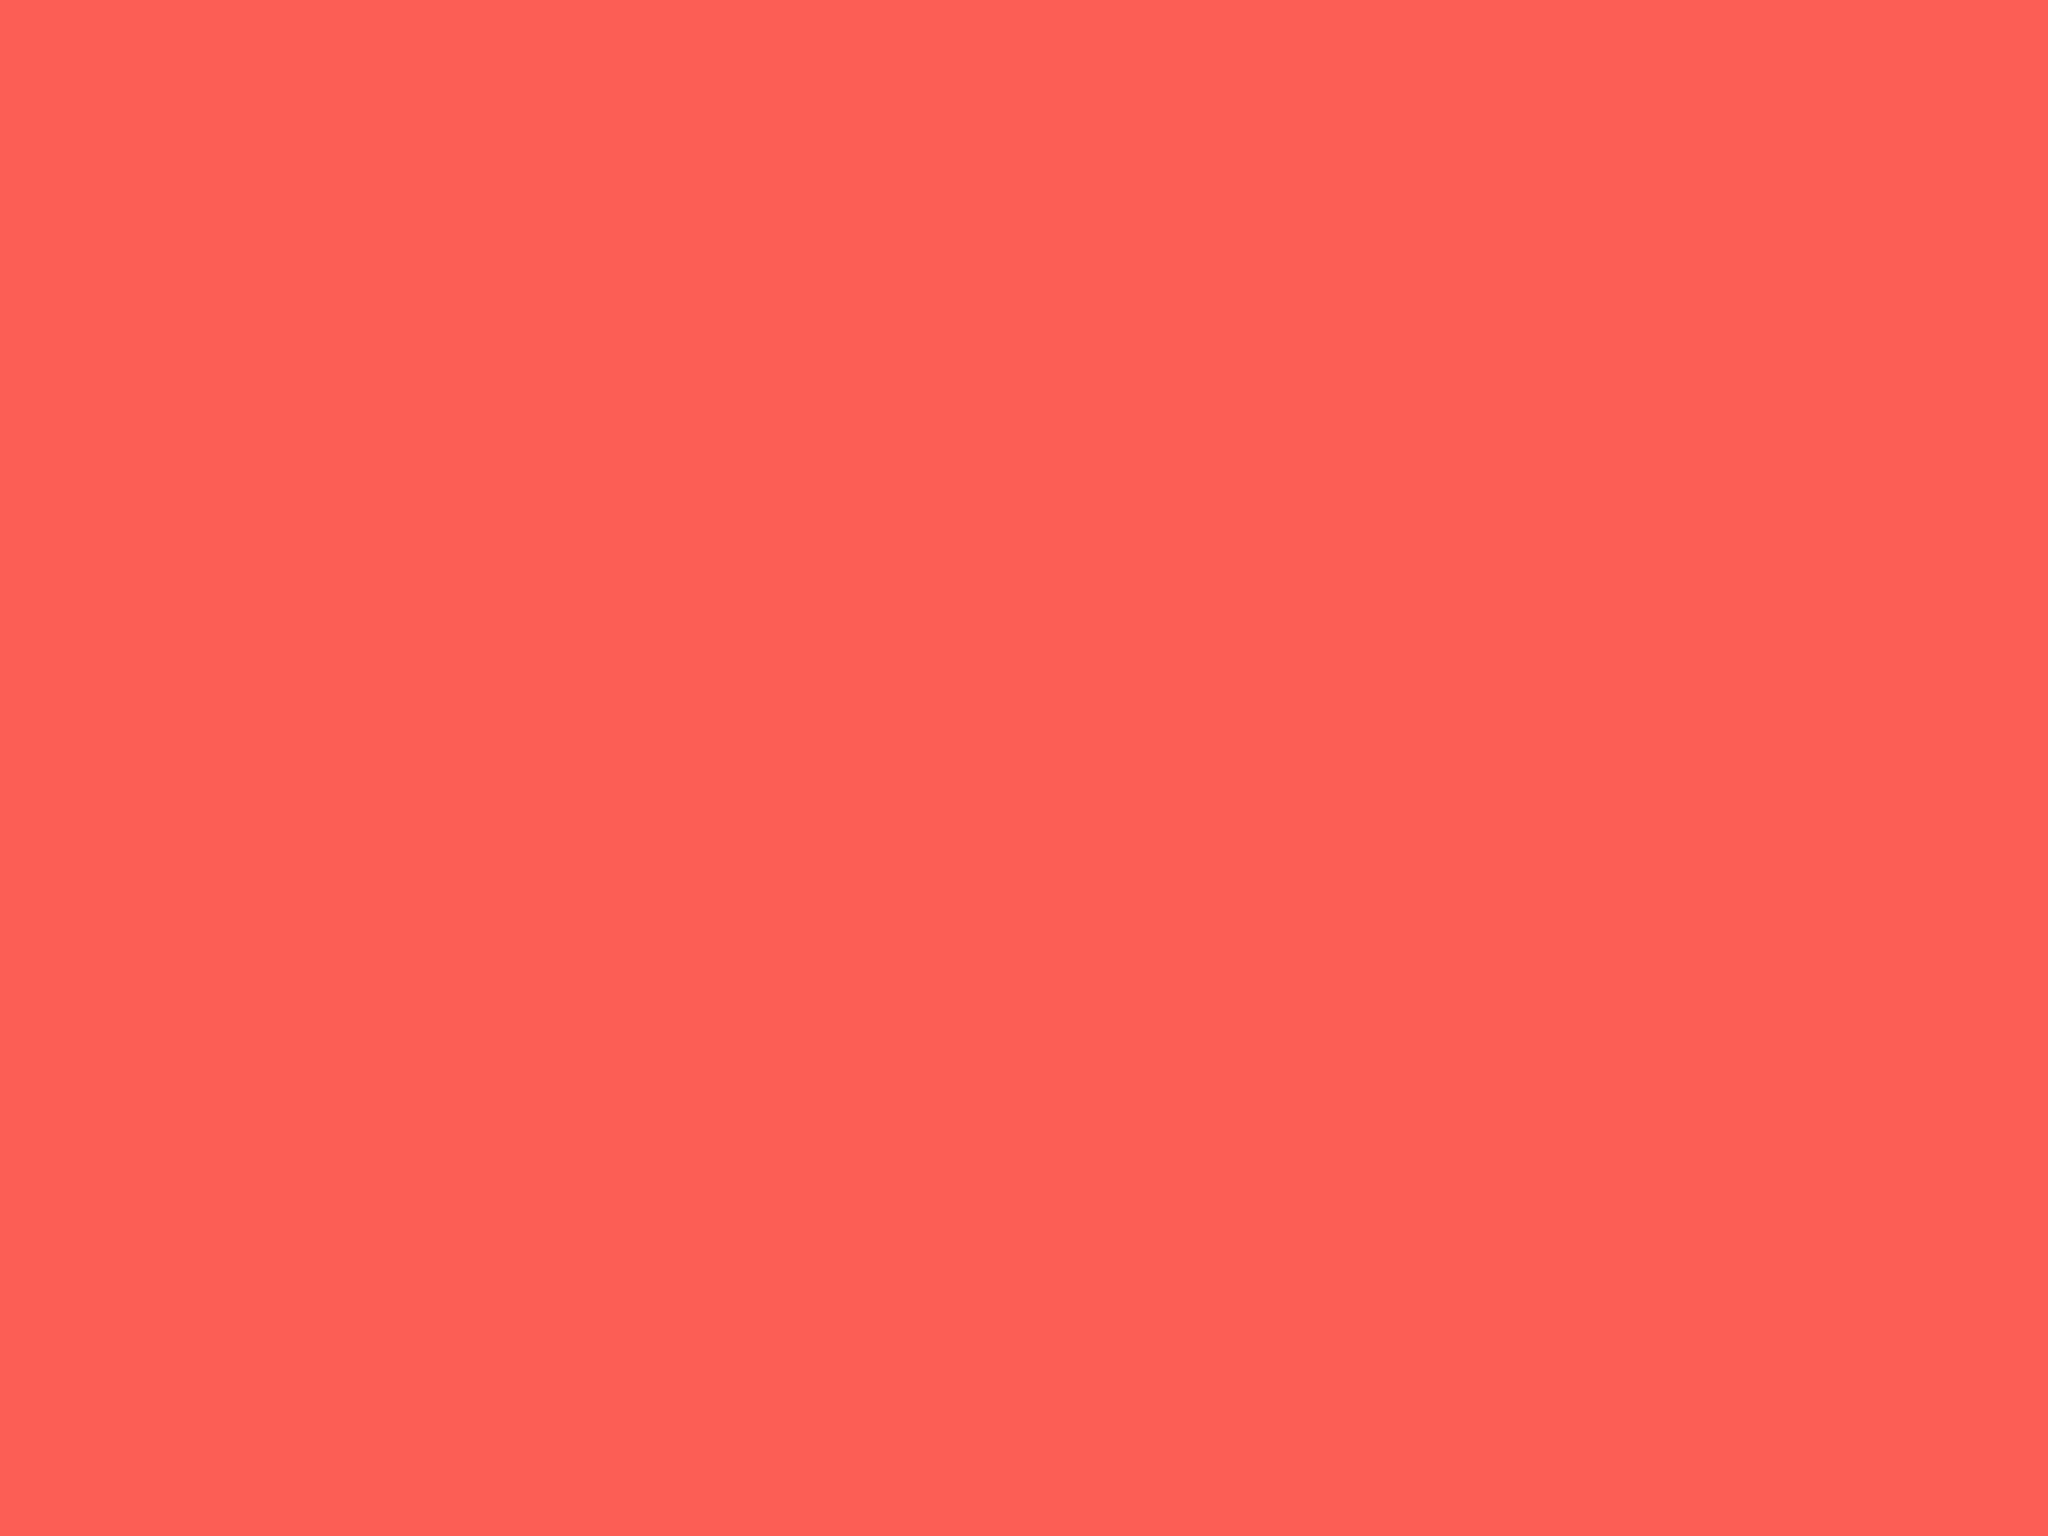 2048x1536 Sunset Orange Solid Color Background